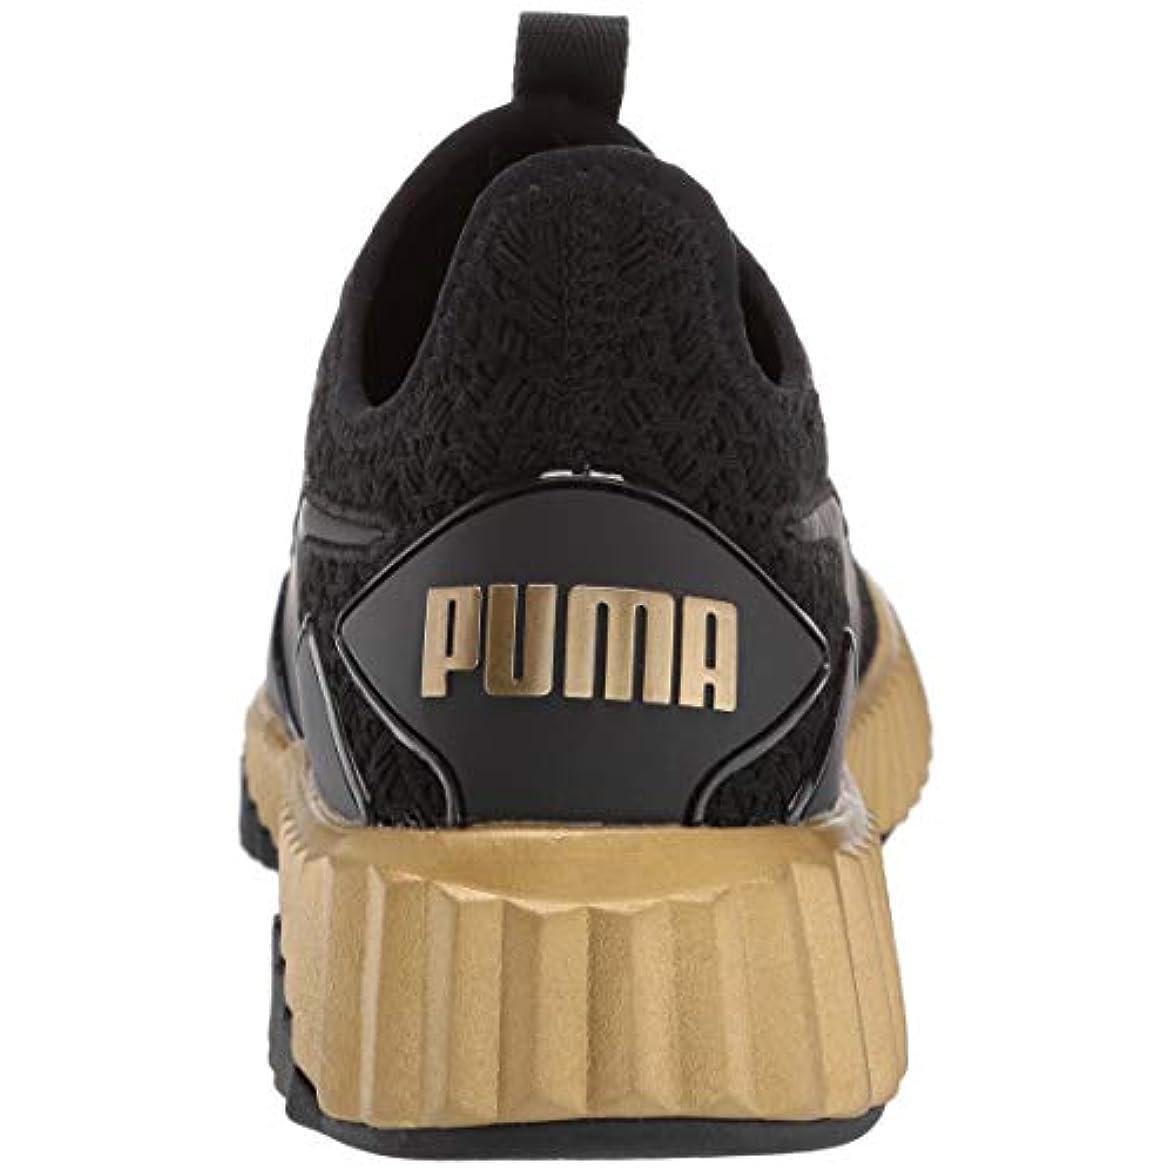 Puma Defy Wn's-2 Scarpe Fitness Donna